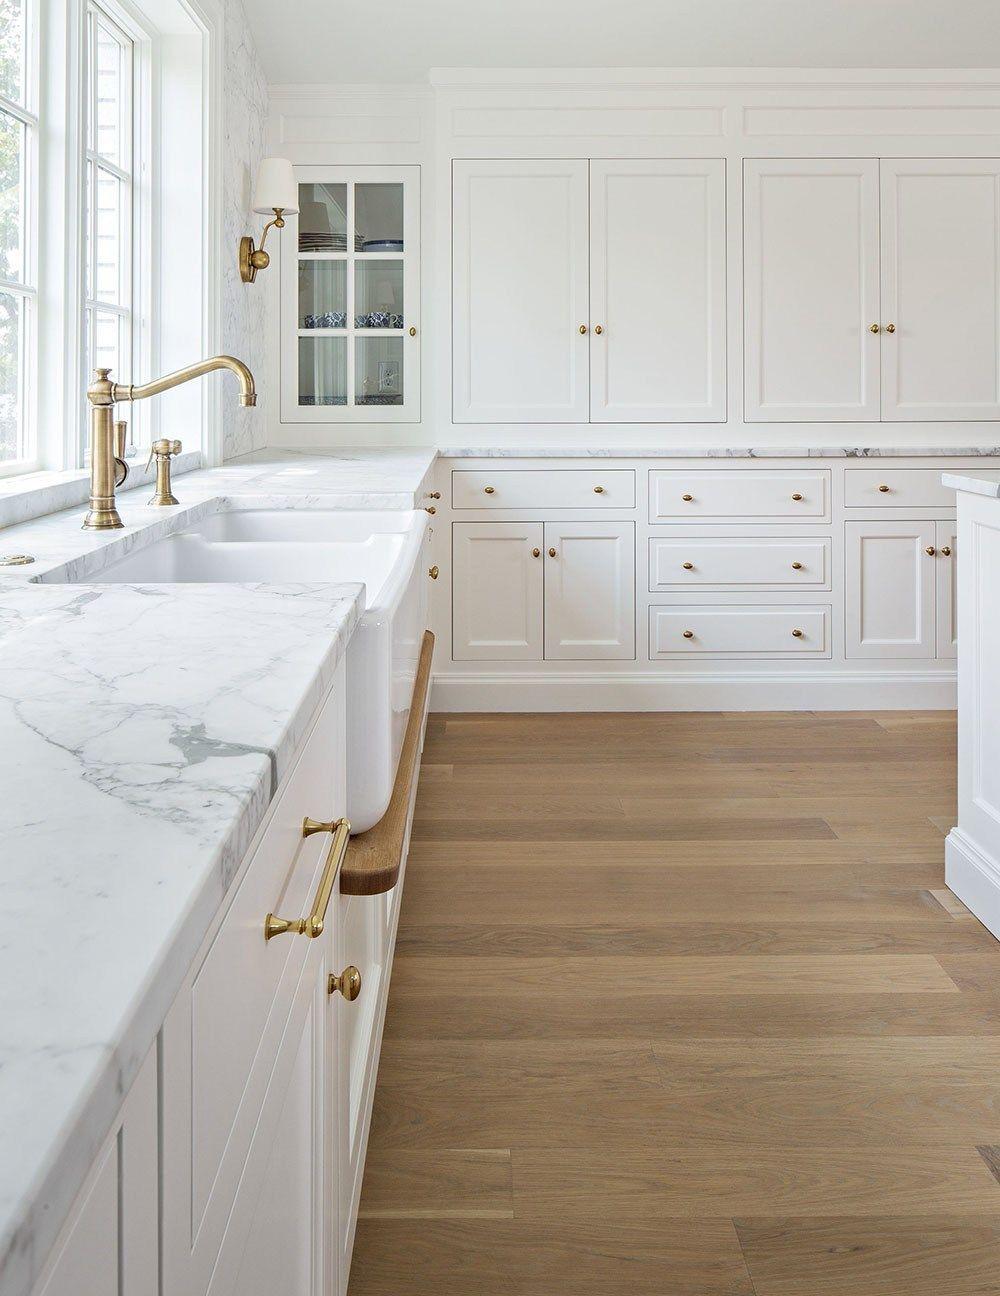 Trend Alert : Drip Rails Under Kitchen Sinks